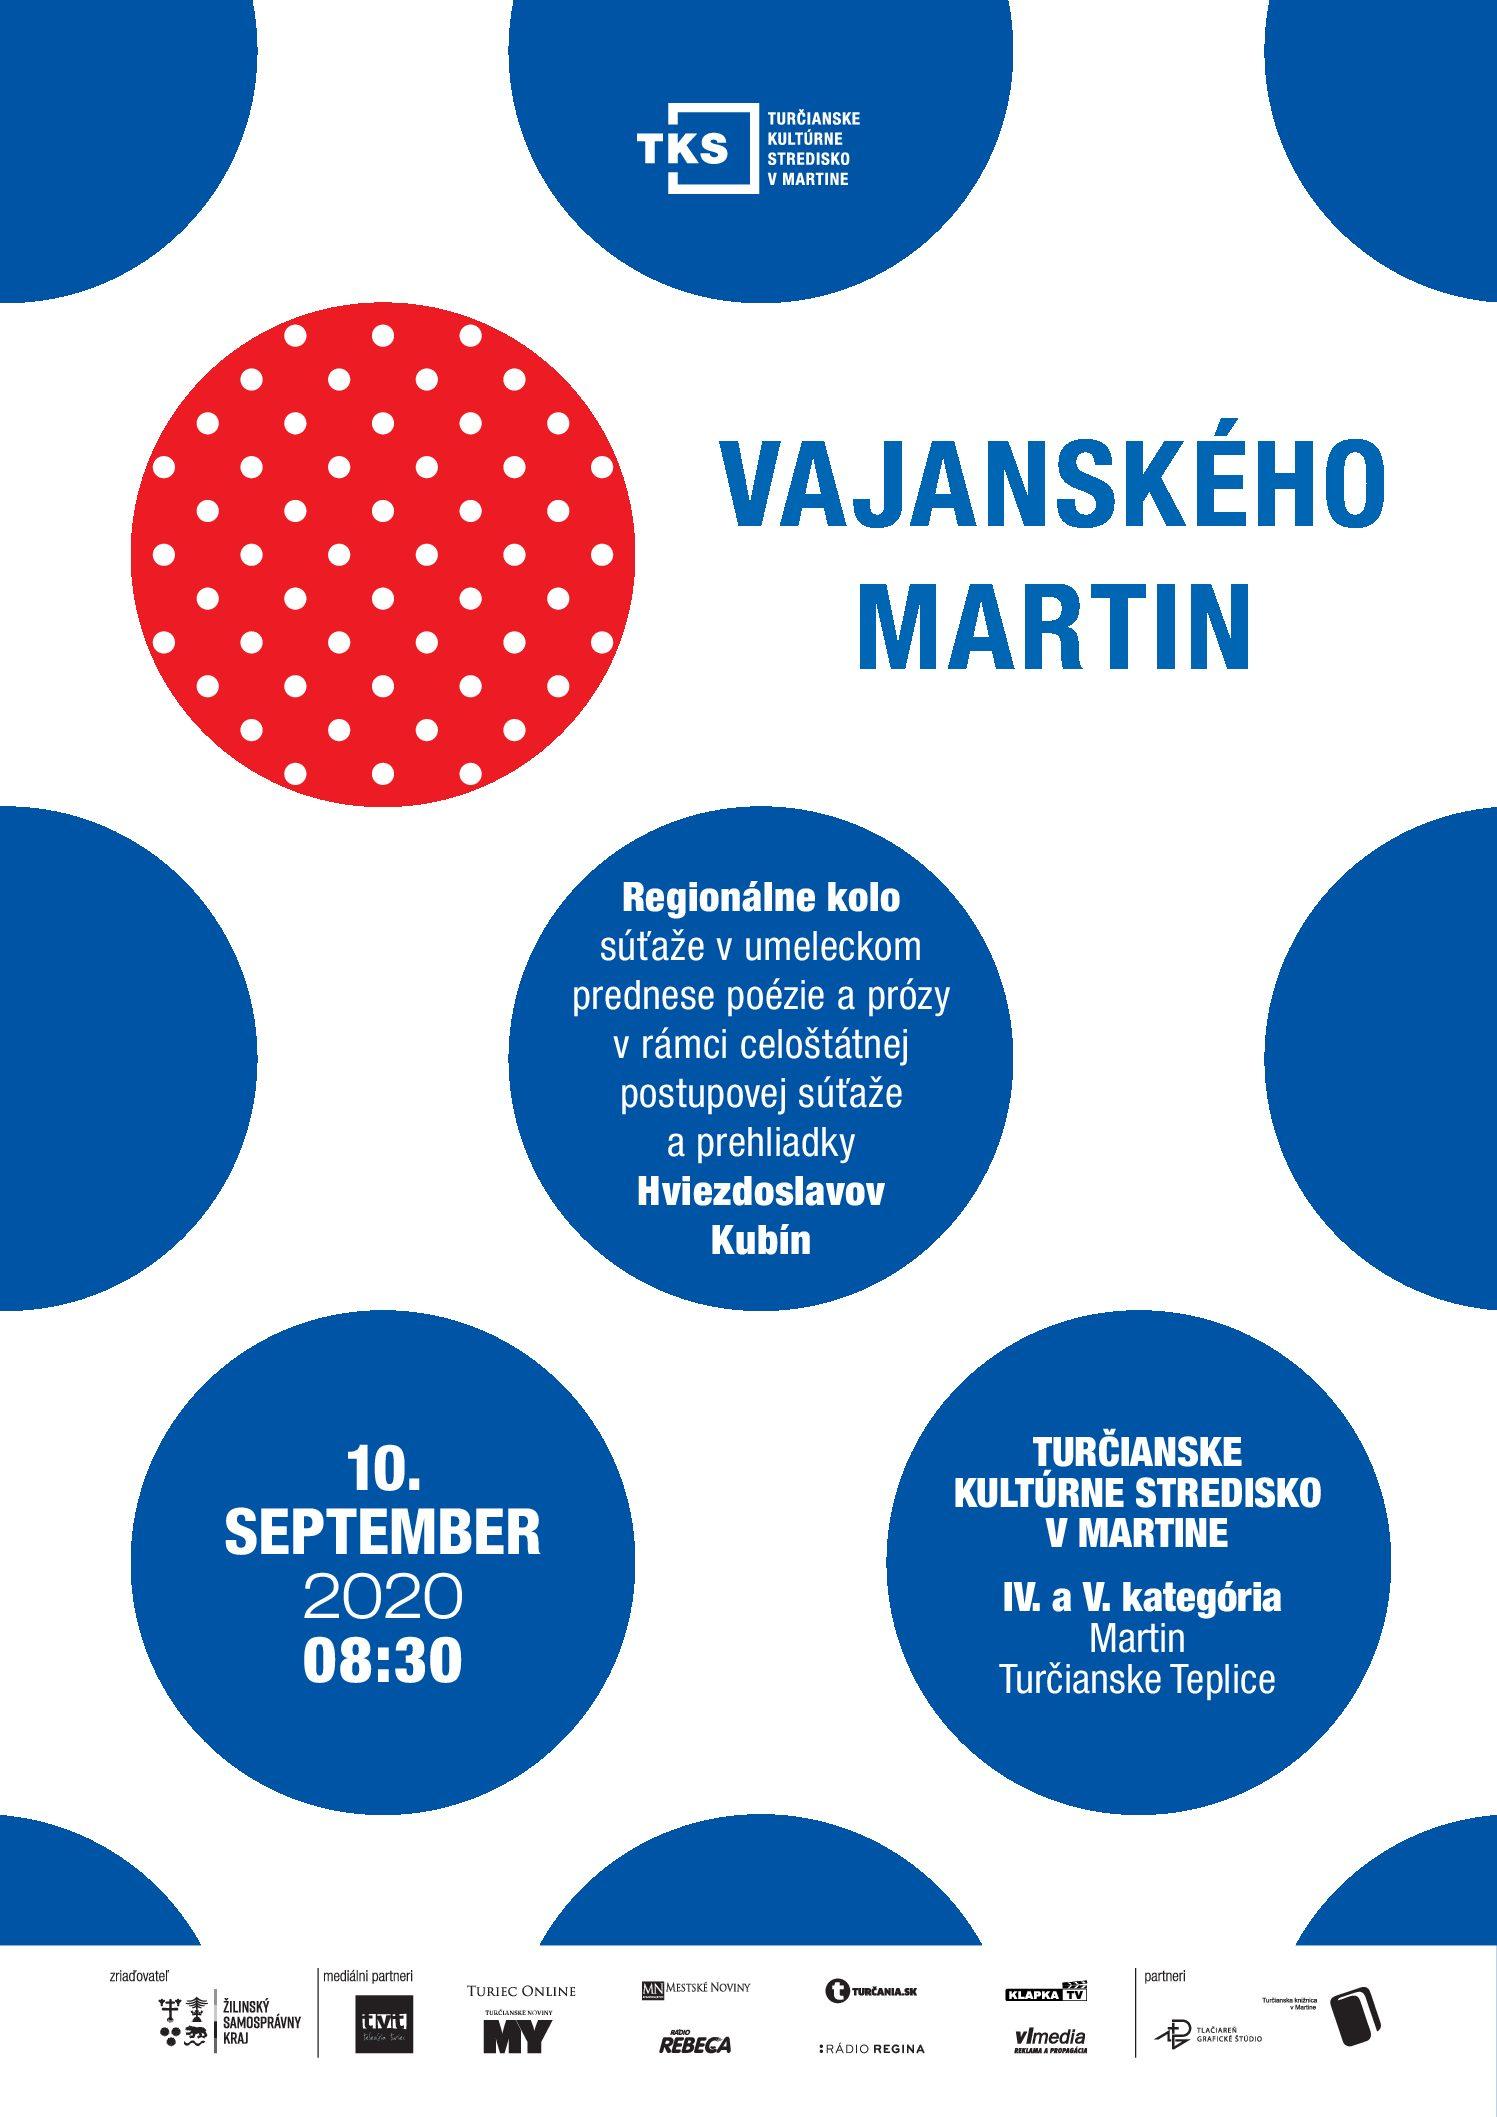 Vajanského Martin 2020